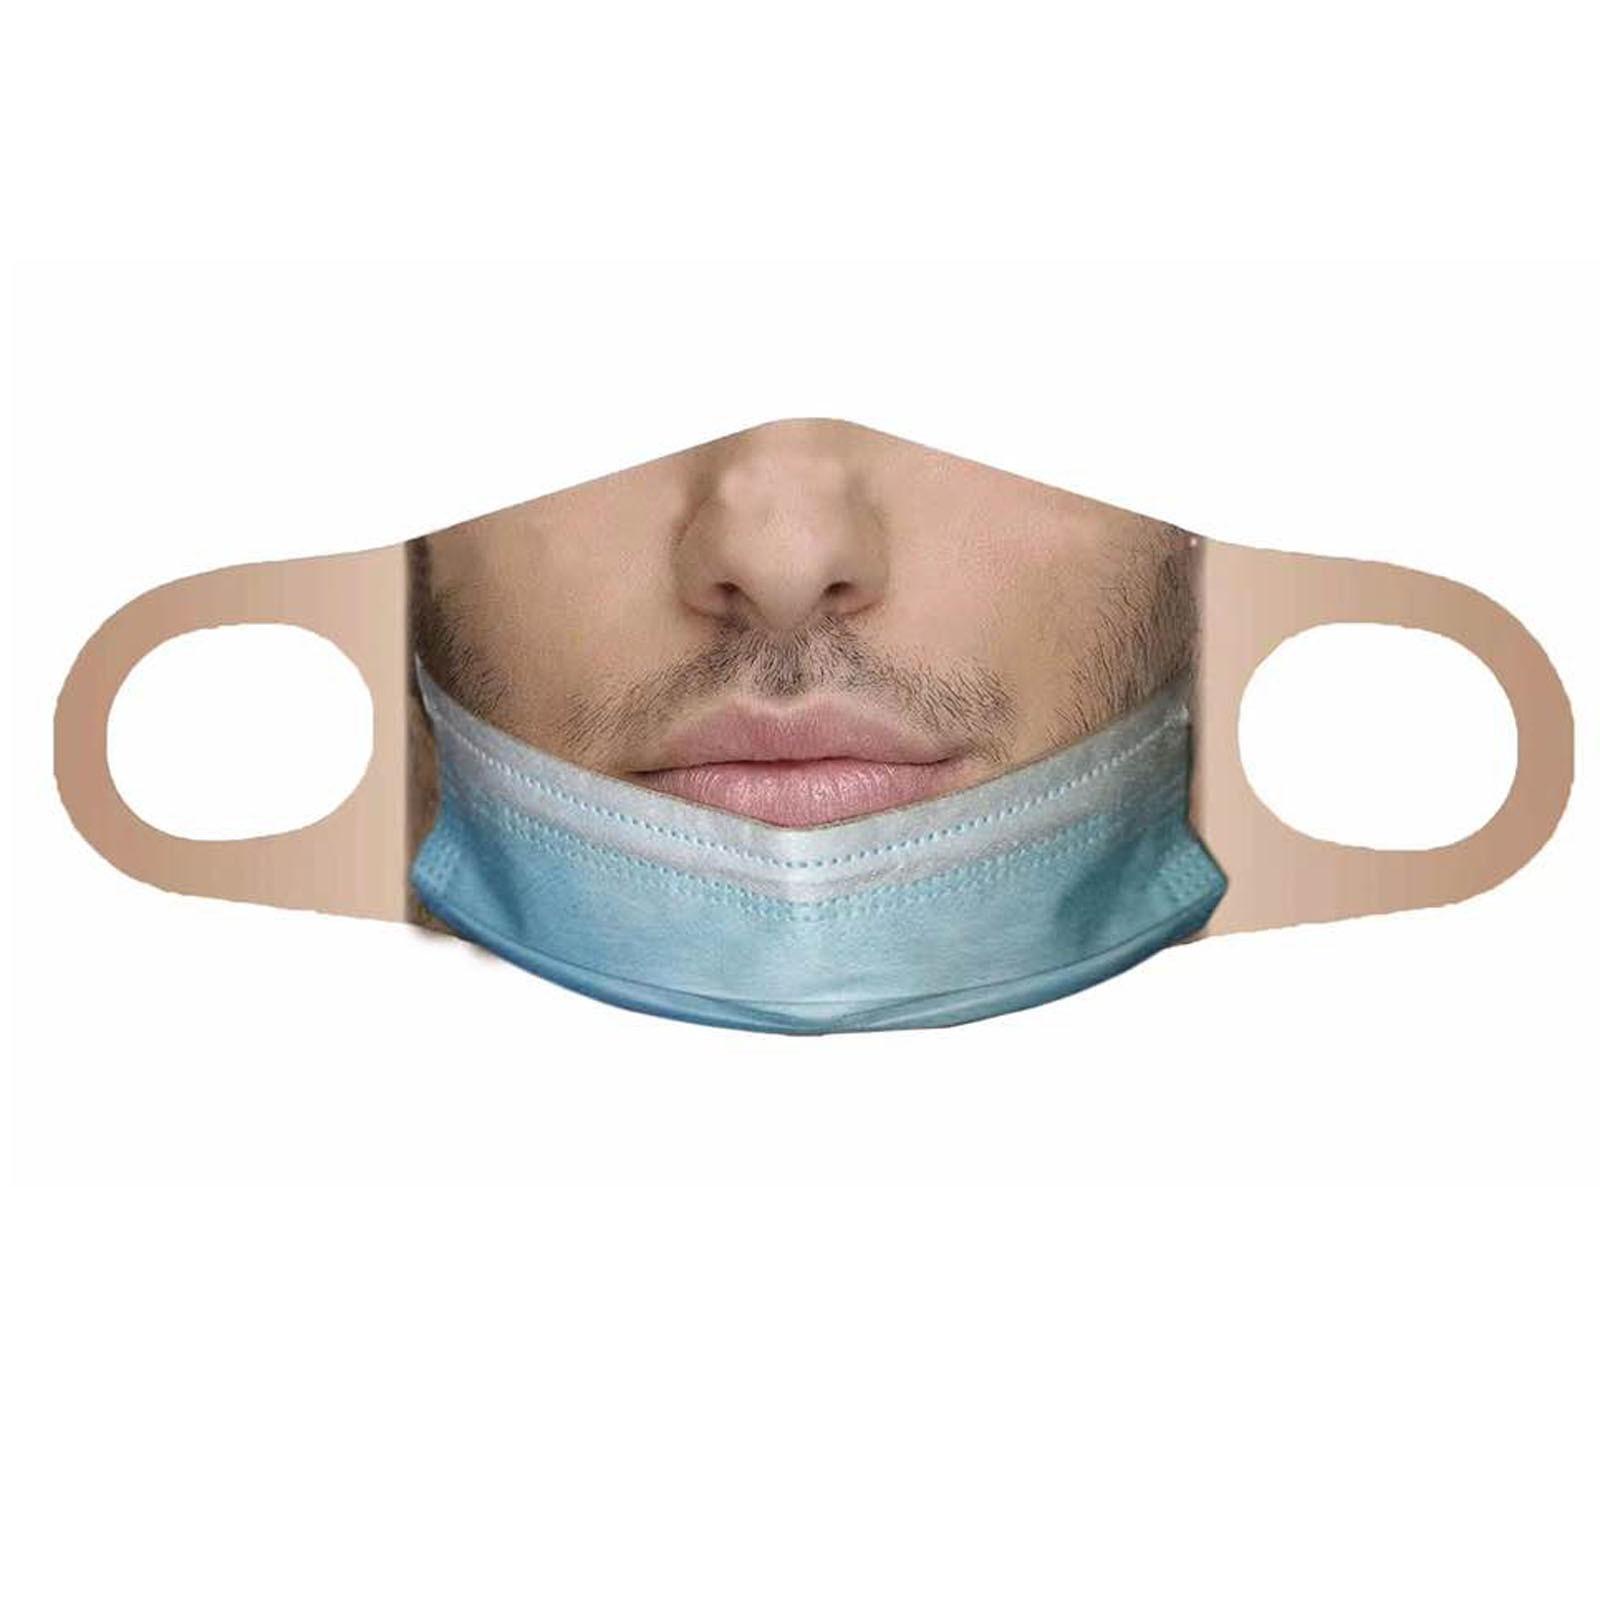 Взрослый забавная Футболка с принтом маска для лица моющийся многоразовый уход за кожей лица ветрозащитная рот маски вечерние маска mascarillas ...